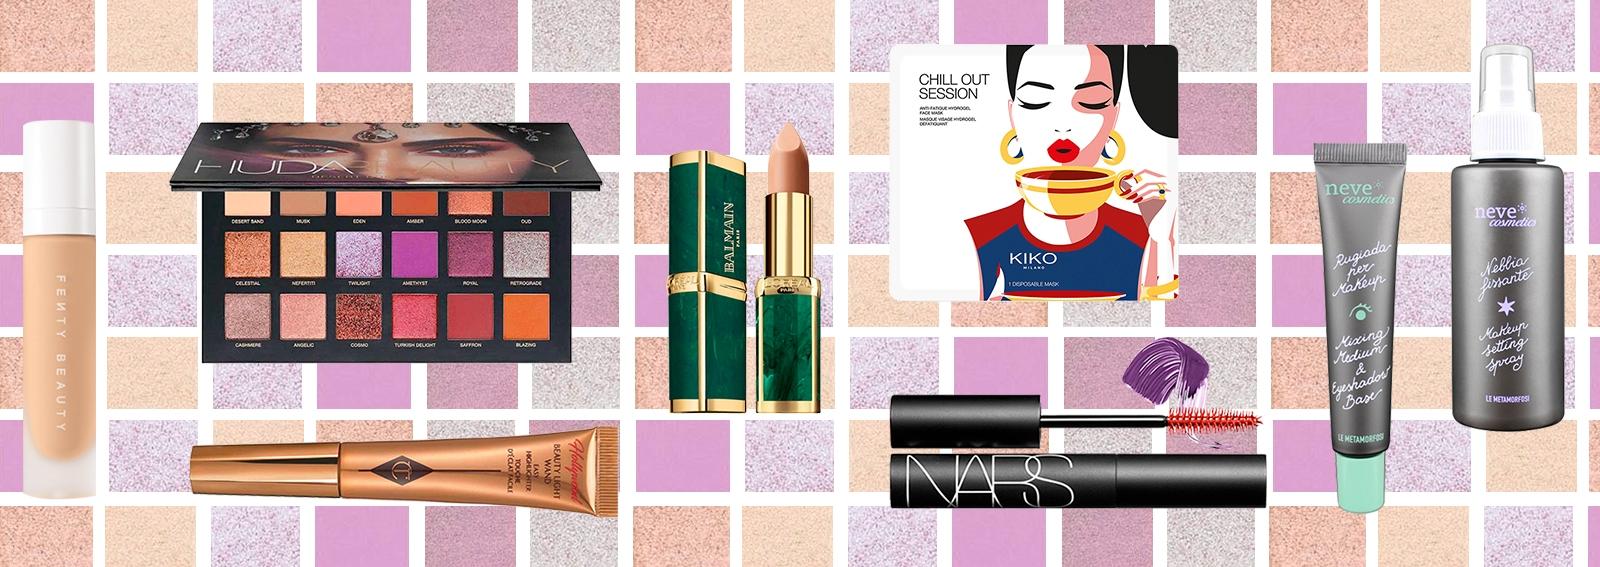 15 prodotti beauty da provare assolutamente questo autunno collage_desktop